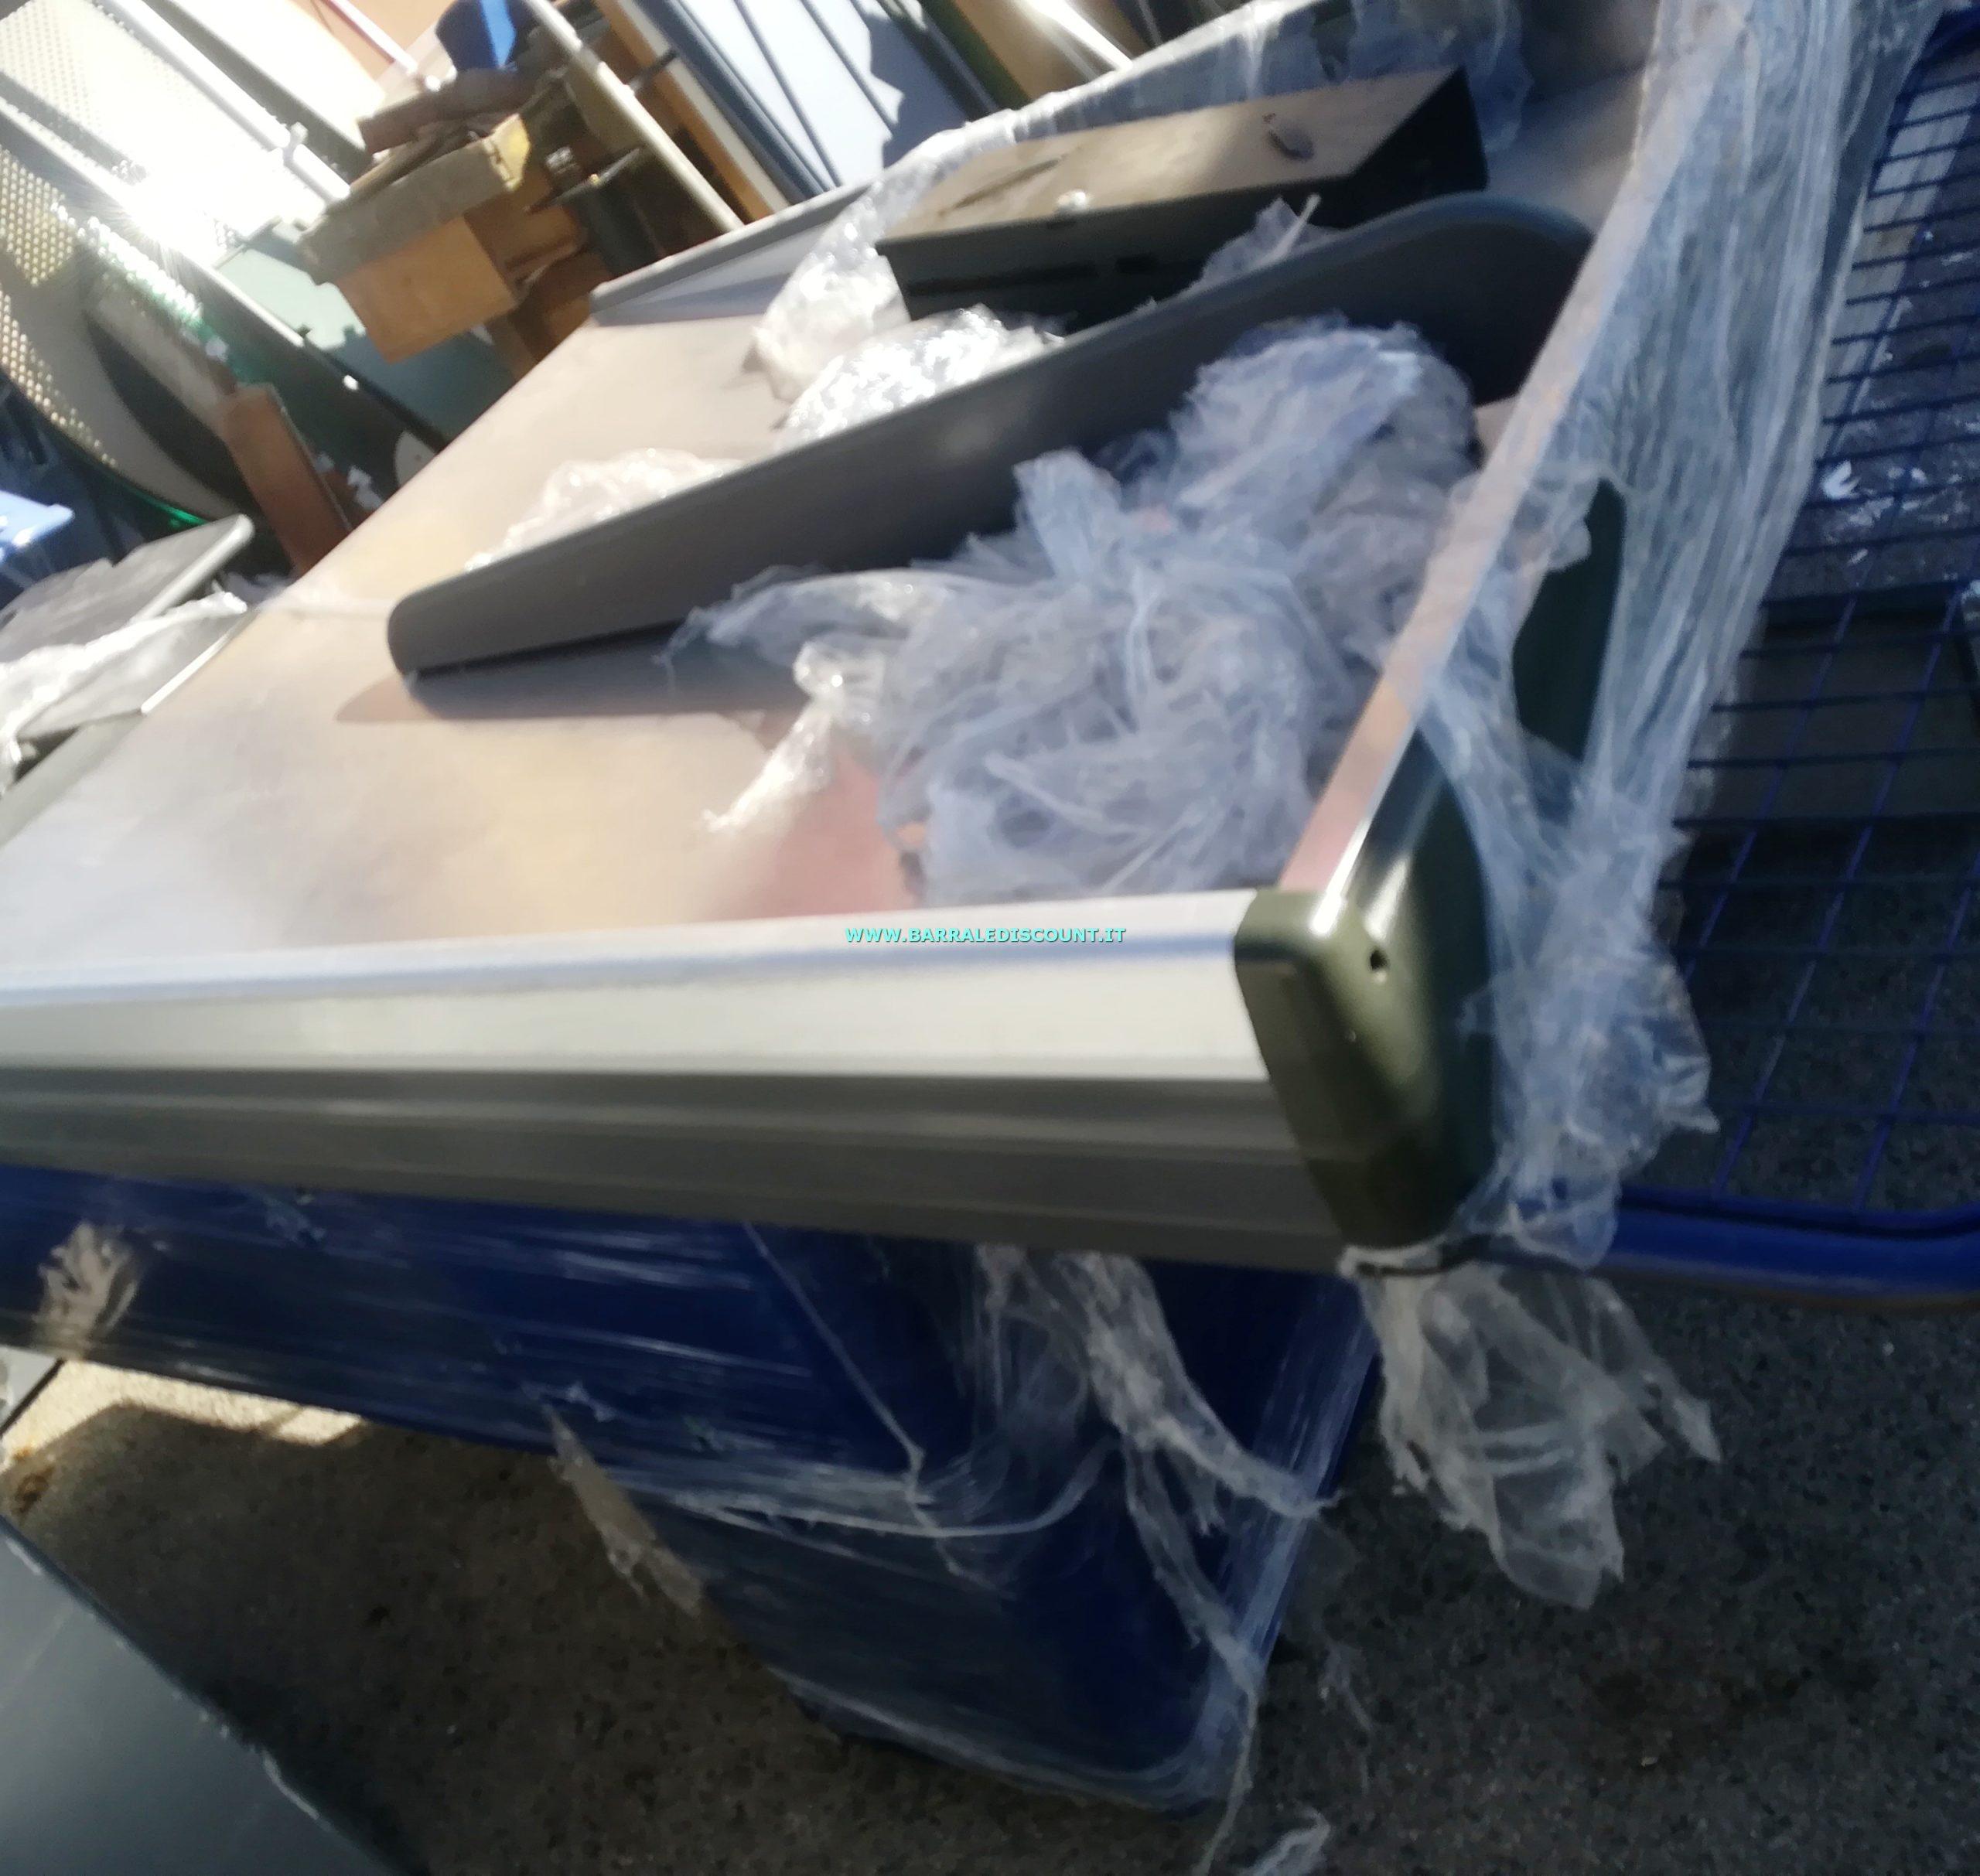 BANCO CASSA SCIVOLO due uguali disponibili MISURA 120 X 270 CM Bancone composto da piano cassa e rullo automatico, vano scanner e imbuto scivolo per raccogli spesa due uguali disponibili colore BLU a € 450 cad